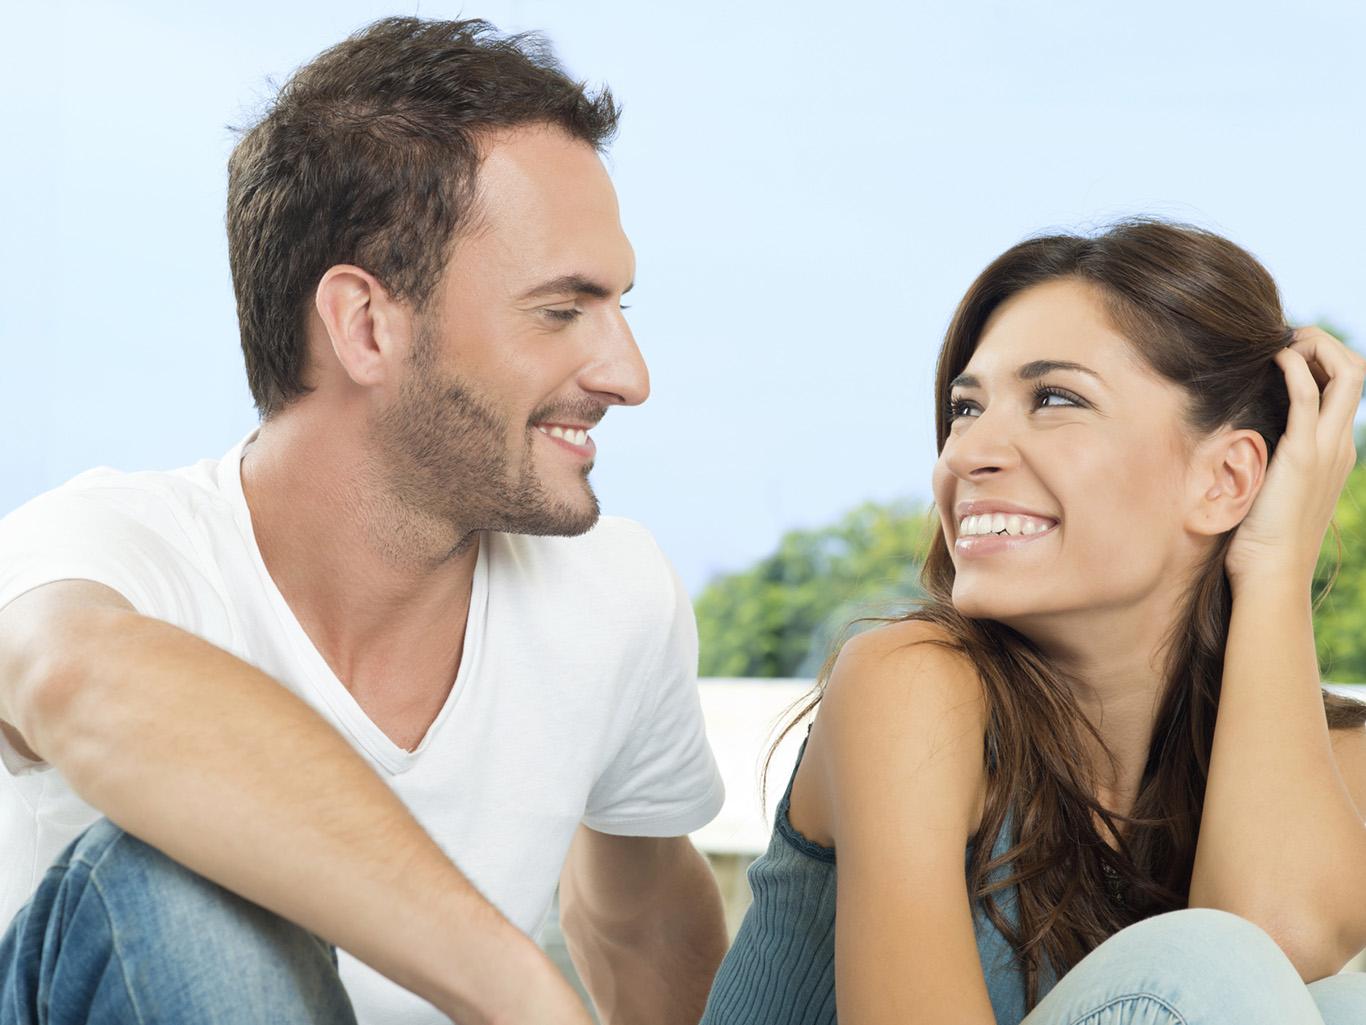 Дружеский секс между женщиной и мужчиной